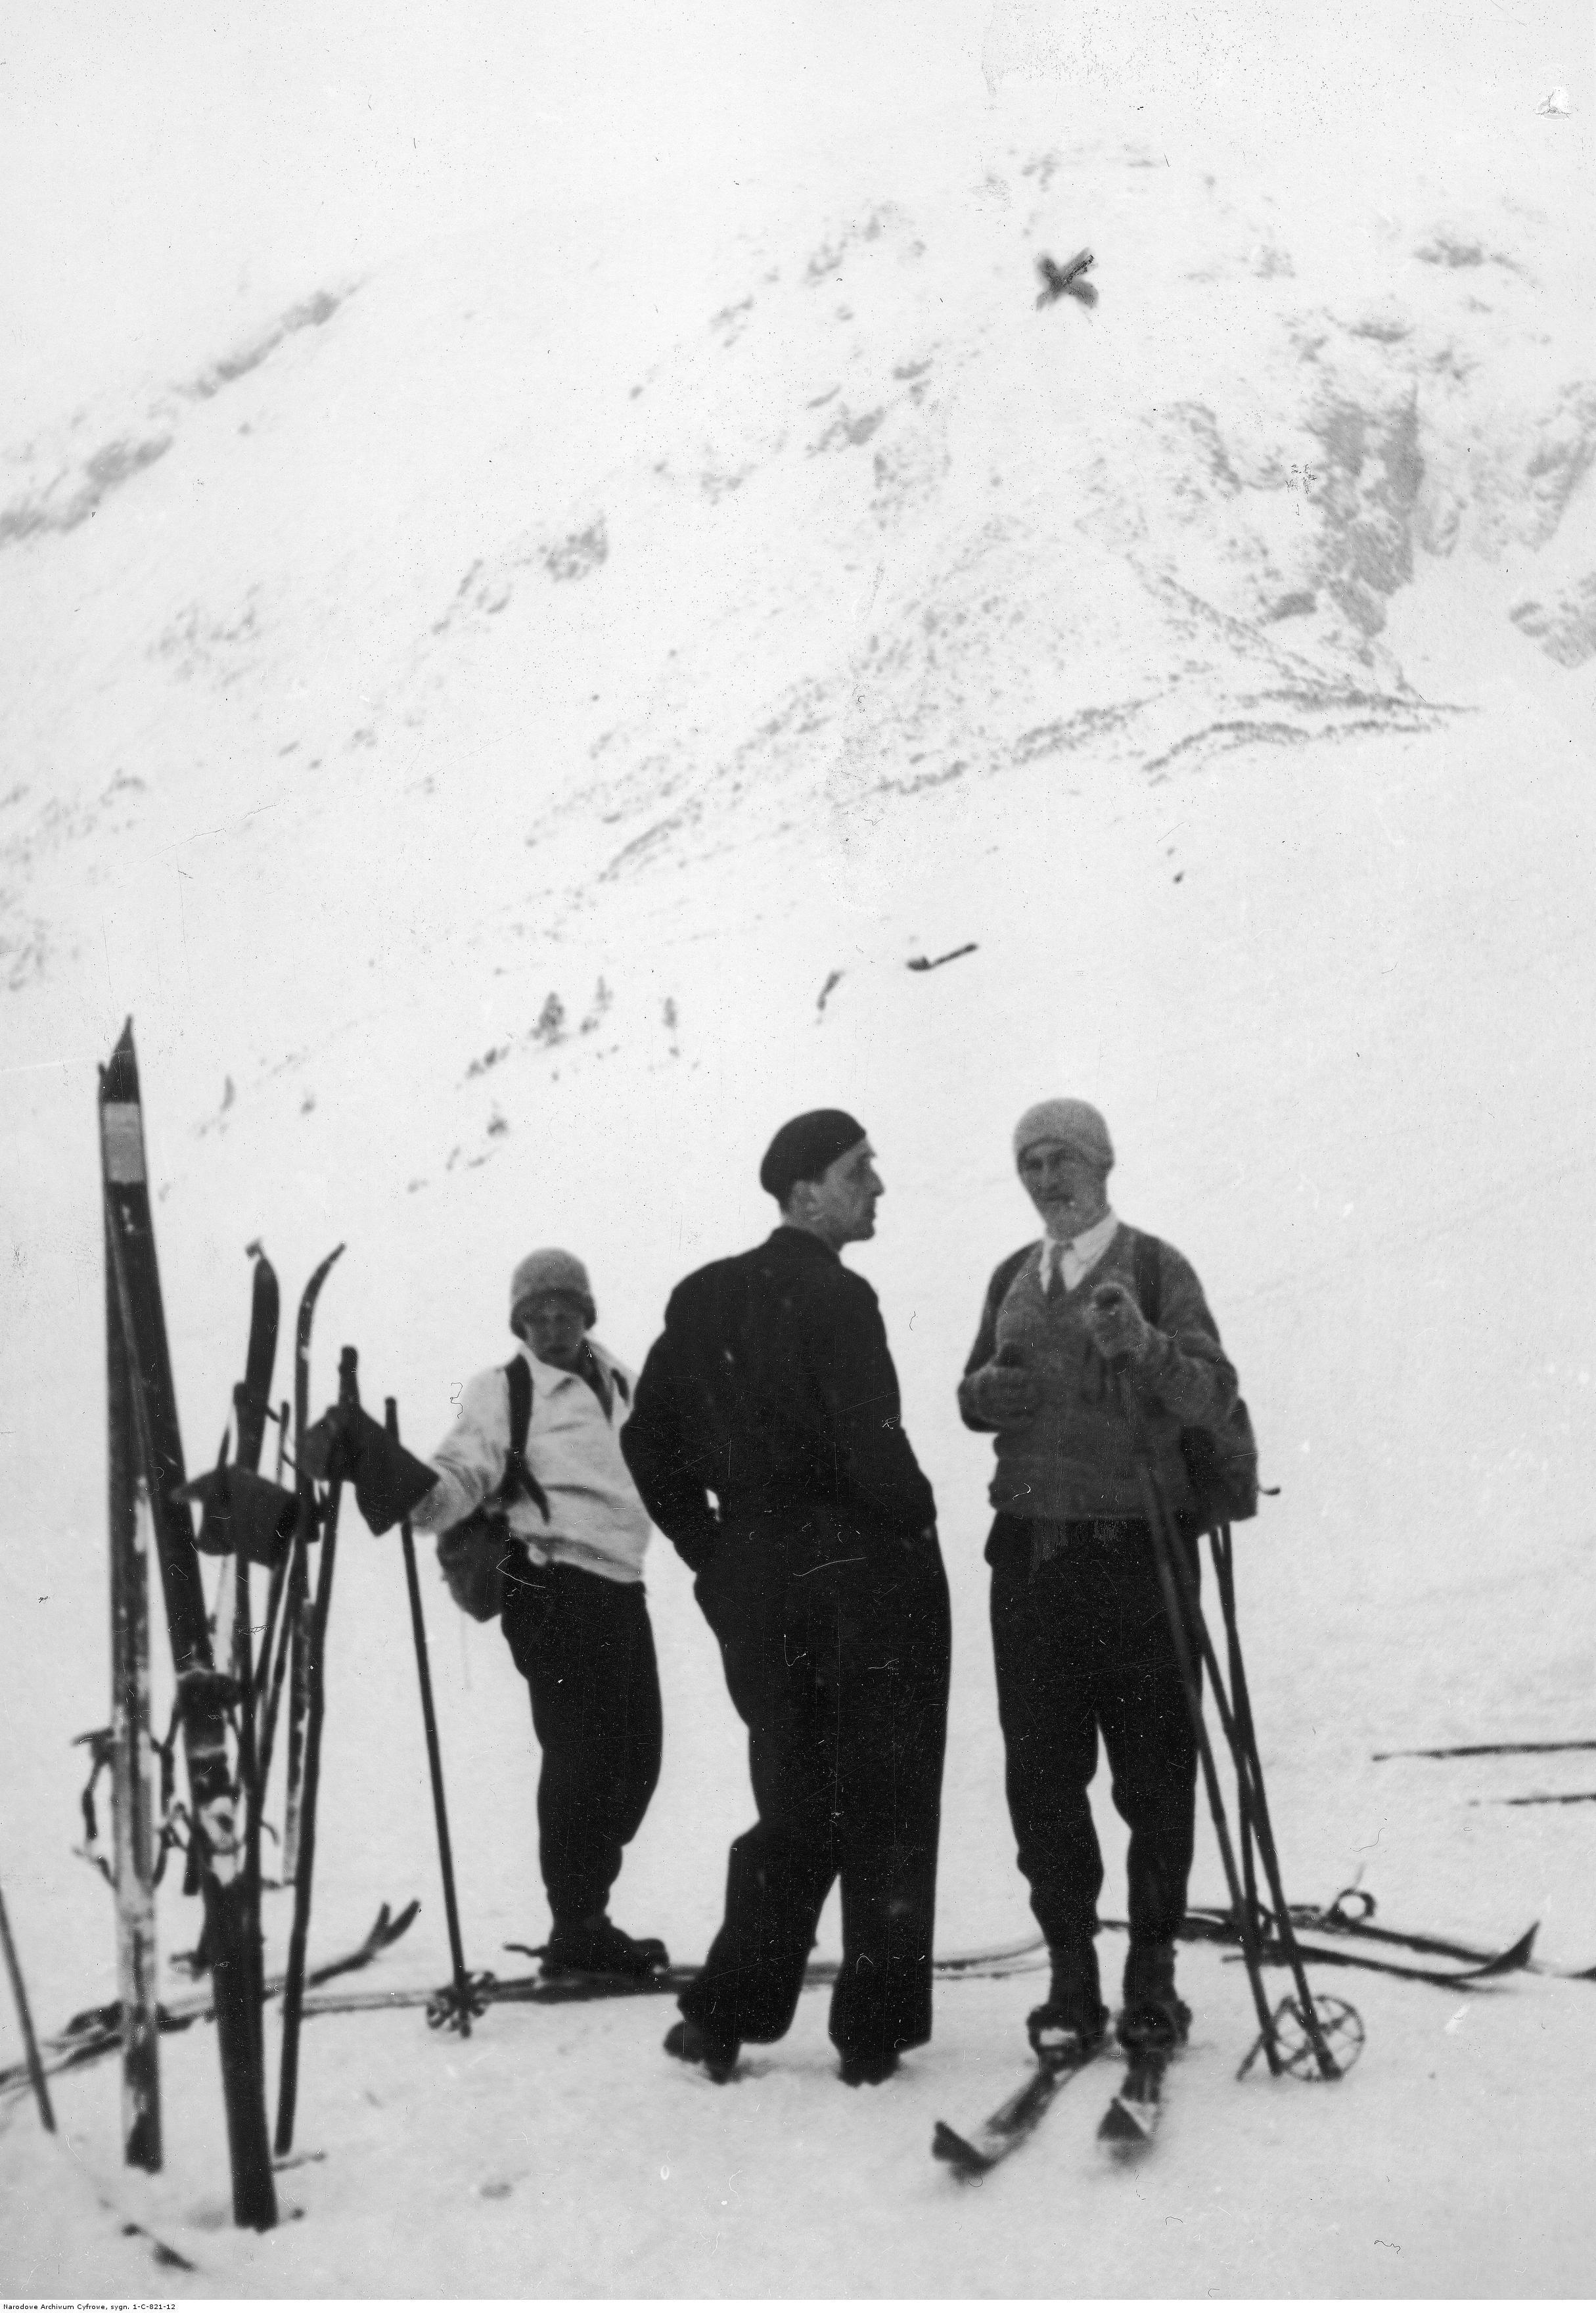 Członkowie Tatrzańskiego Ochotniczego Pogotowia Ratunkowego (Wanda, nieznany mężczyzna, Józef) podczas akcji ratunkowej w Tatrach, 1935 rok, źródło: Narodowe Archiwum Cyfrowe